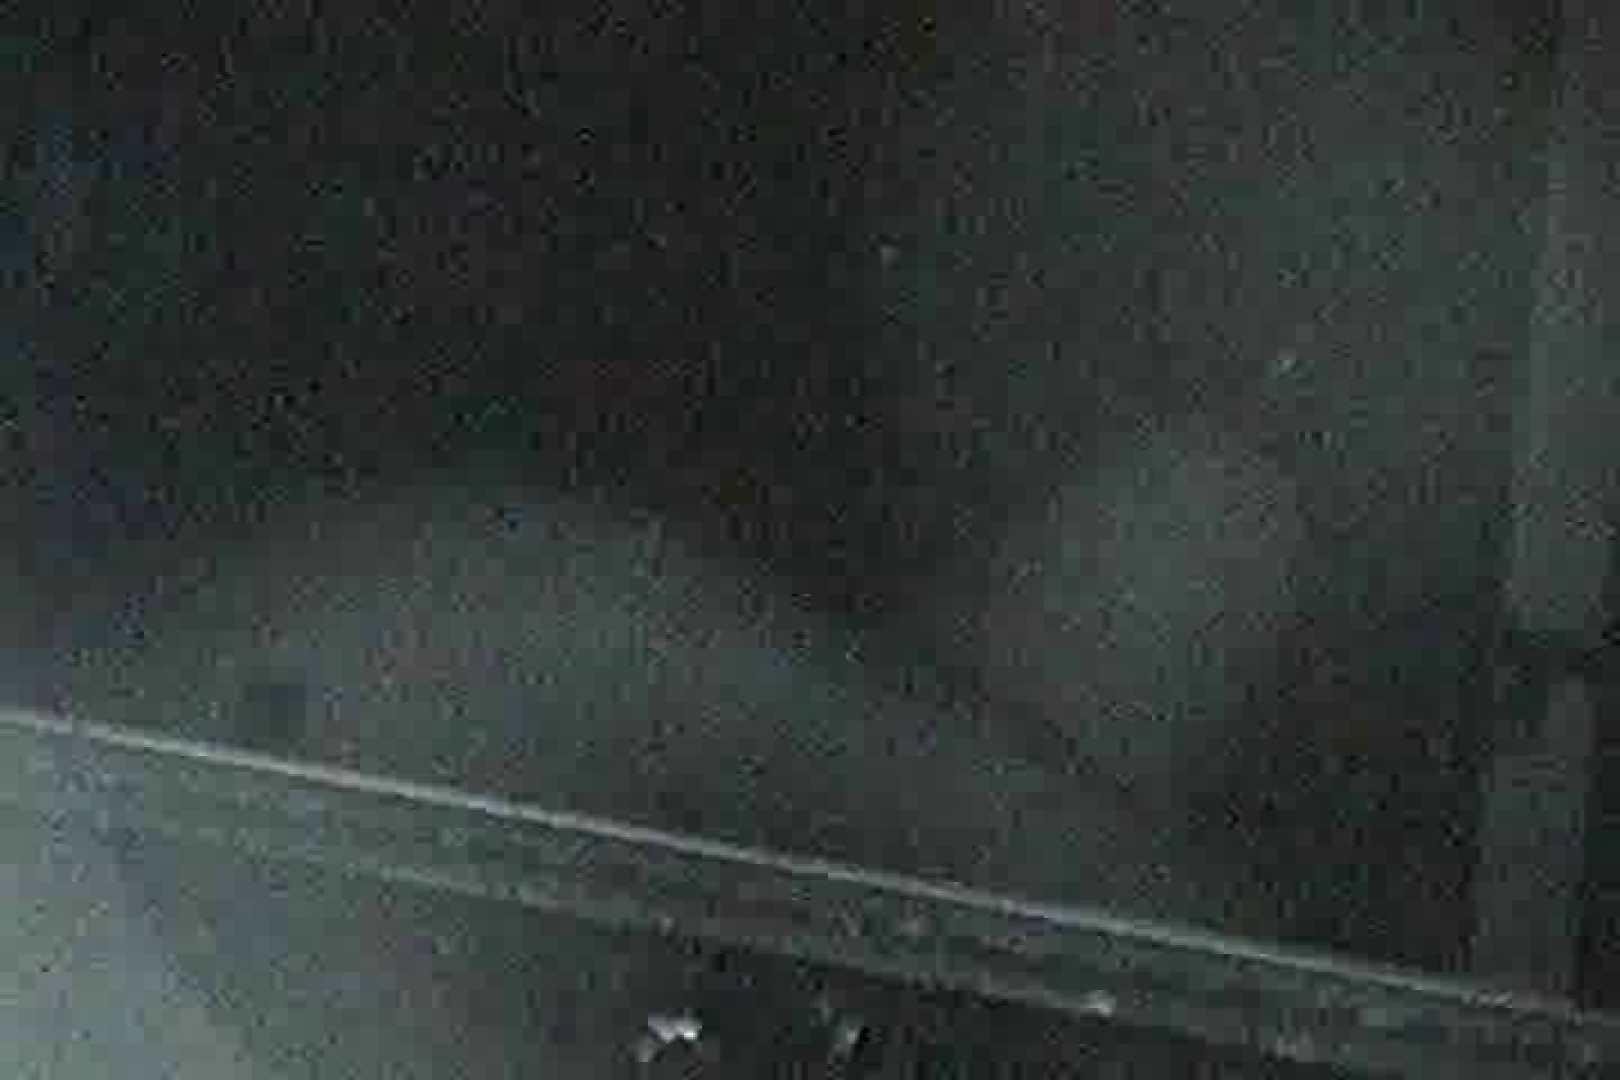 充血監督の深夜の運動会Vol.3 カップル | セックス見放題  28連発 1